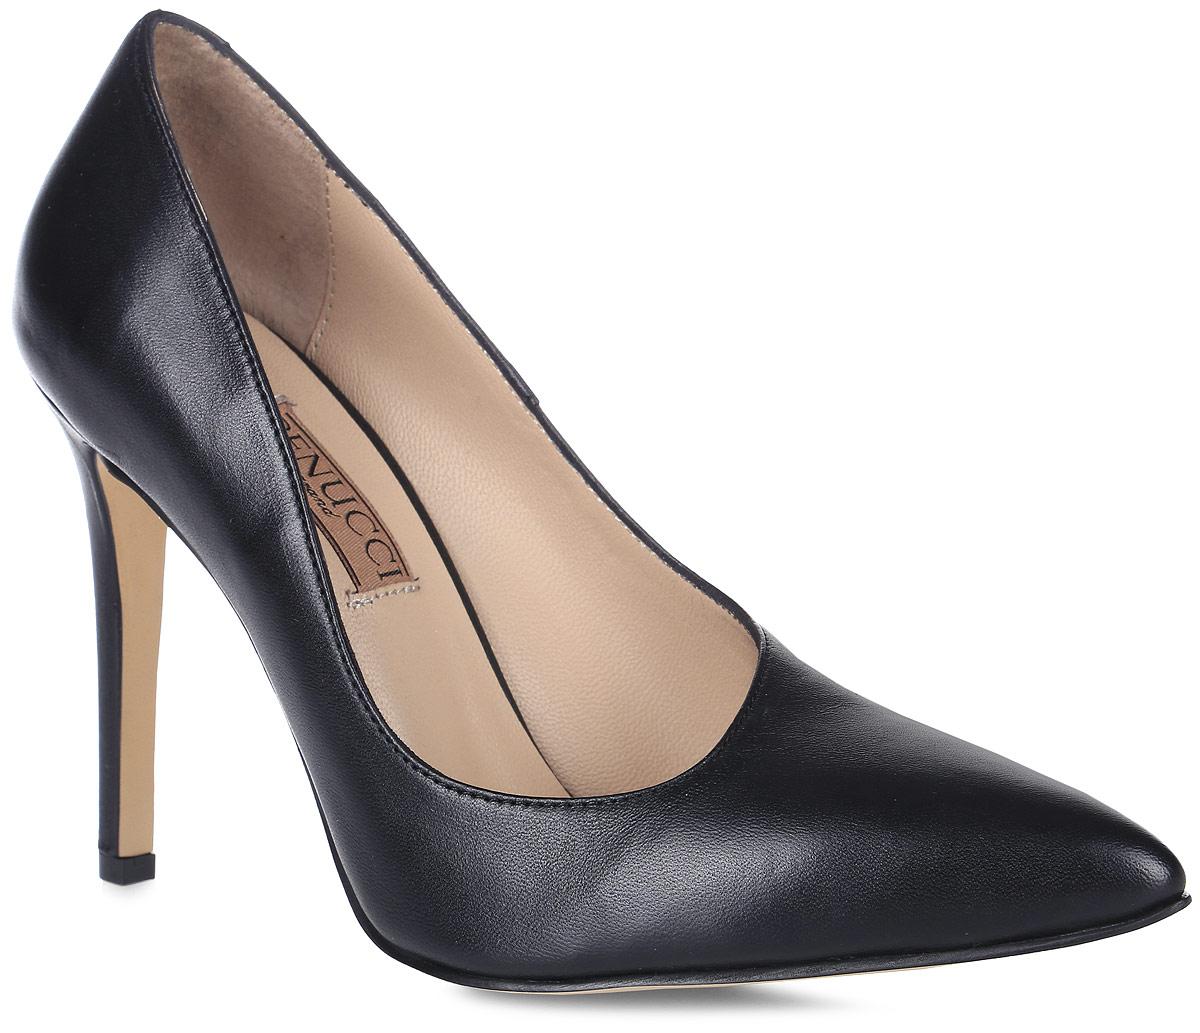 Туфли женские Benucci, цвет: черный. 5870_кожа. Размер 375870_кожаИзысканные женские туфли от Benucci поразят вас своим дизайном! Модель выполнена из натуральной кожи. Подкладка и стелька - из натуральной кожипозволят ногам дышать и обеспечат максимальный комфорт при ходьбе. Зауженный носок добавит женственности в ваш образ. Высокий каблук-шпилька устойчив. Подошва с рифлением обеспечивает идеальное сцепление с любой поверхностью. Изысканные туфли добавят в ваш образ немного шарма и подчеркнут ваш безупречный вкус.